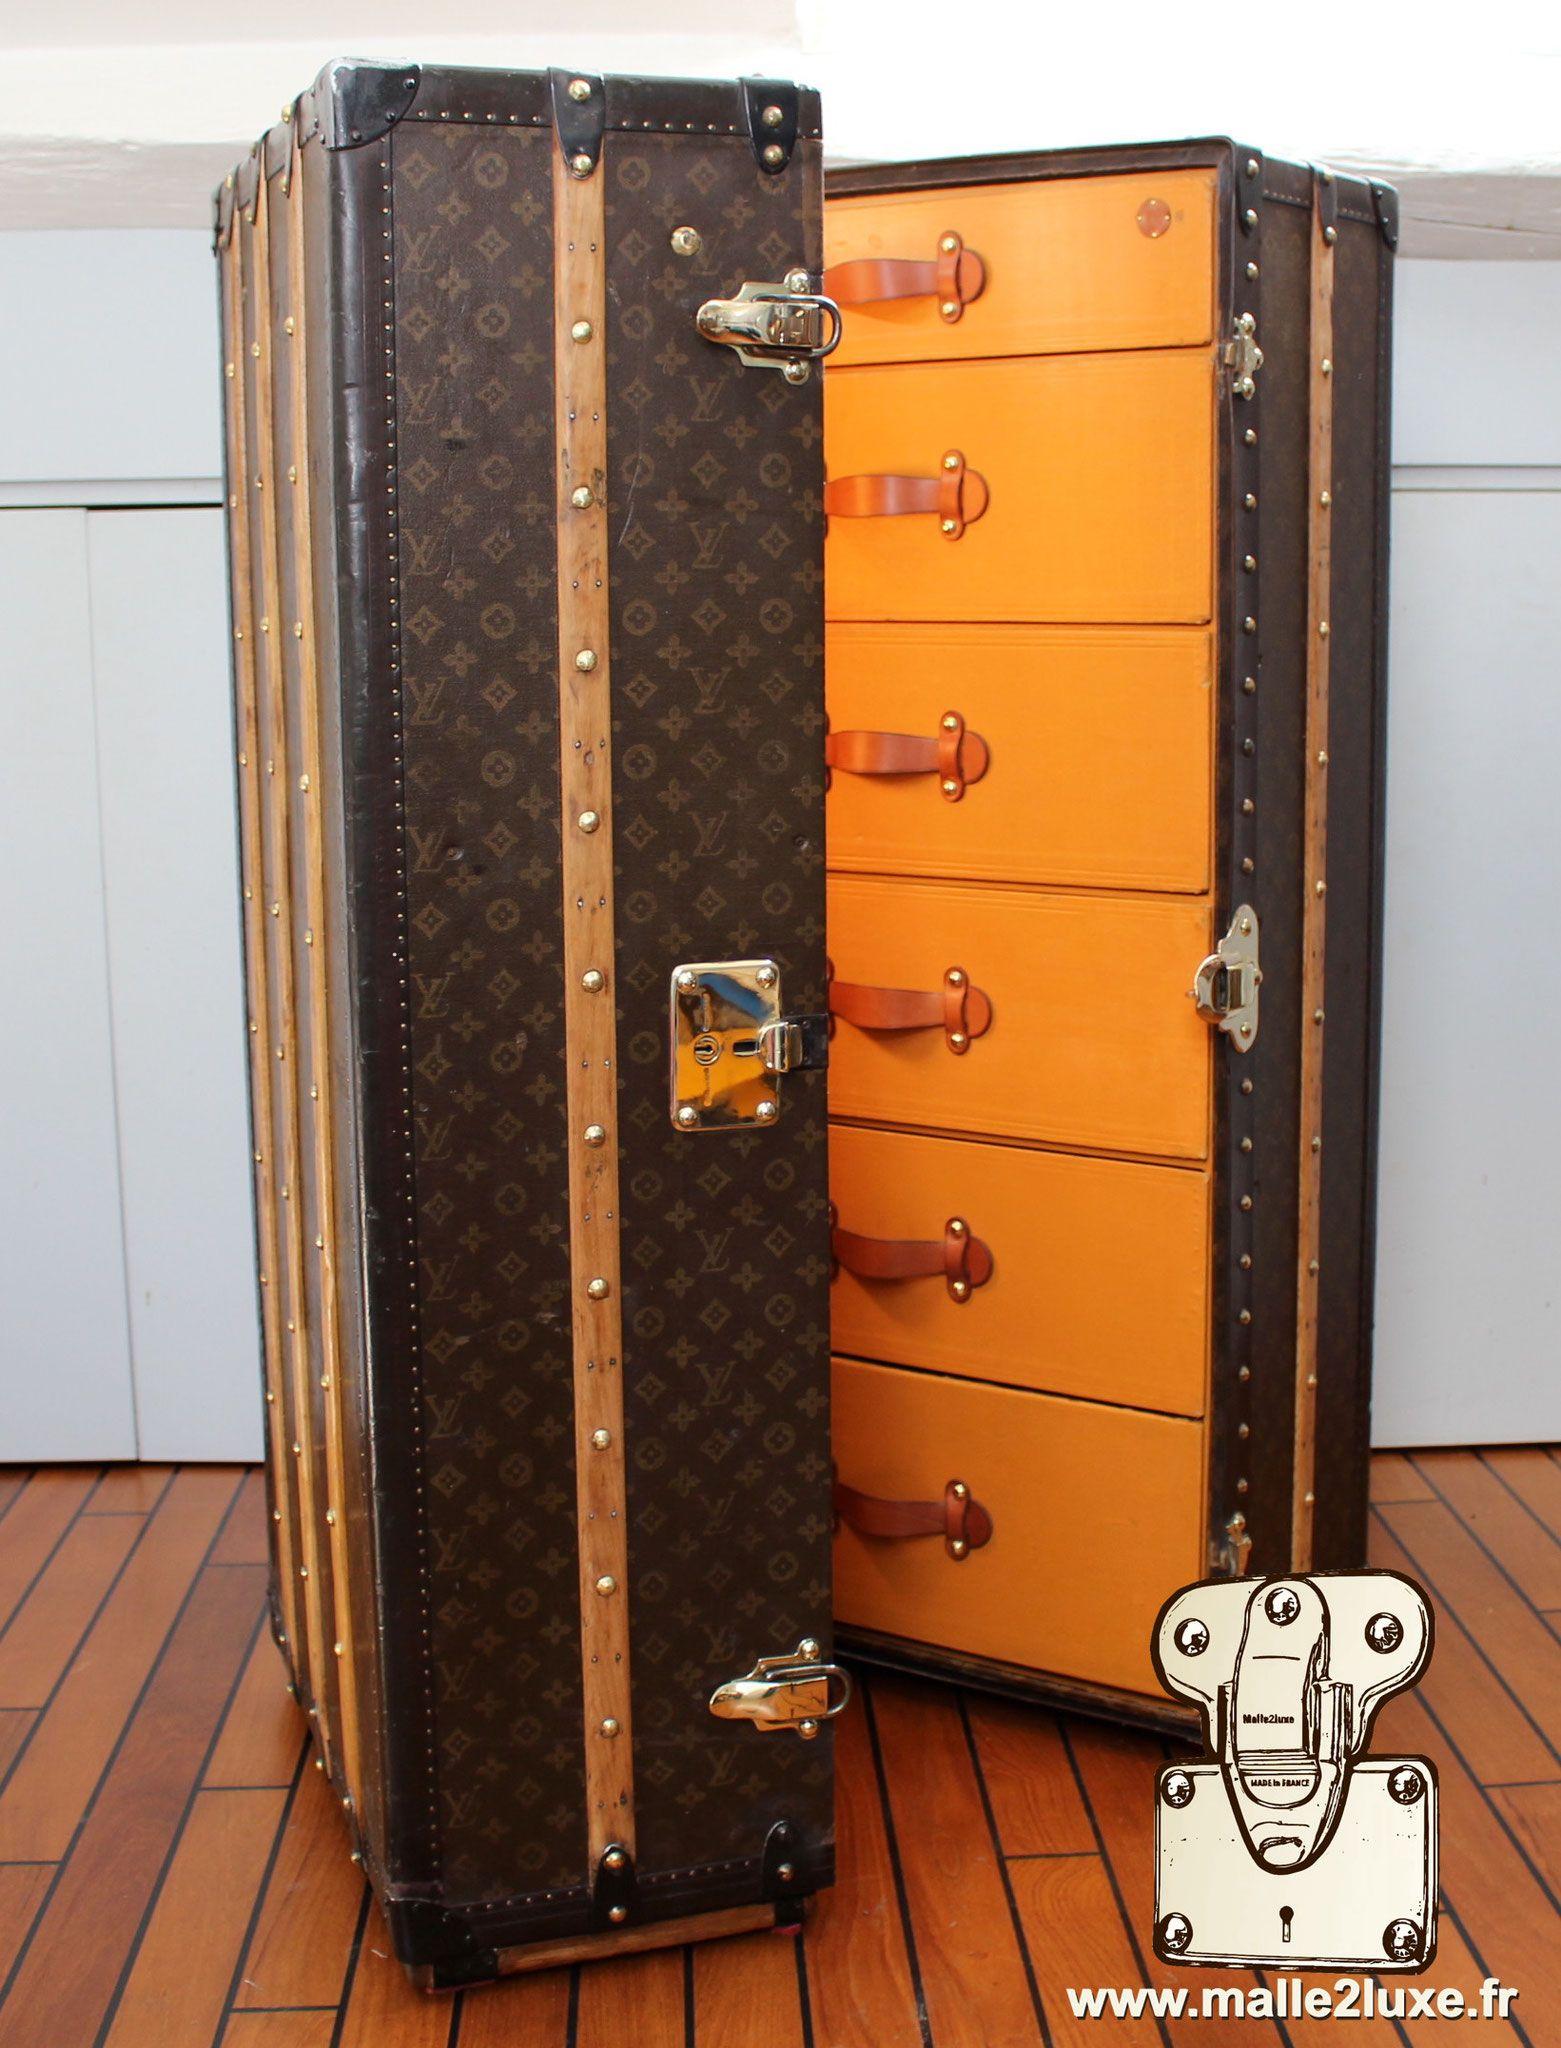 Acheter X2f Vendre Malle Ancienne D 39 Occasion Louis Vuitton Goyard Moynat Hermes Ancienne Restauration Paris Malle Malle Ancienne Malle Malle De Voyage